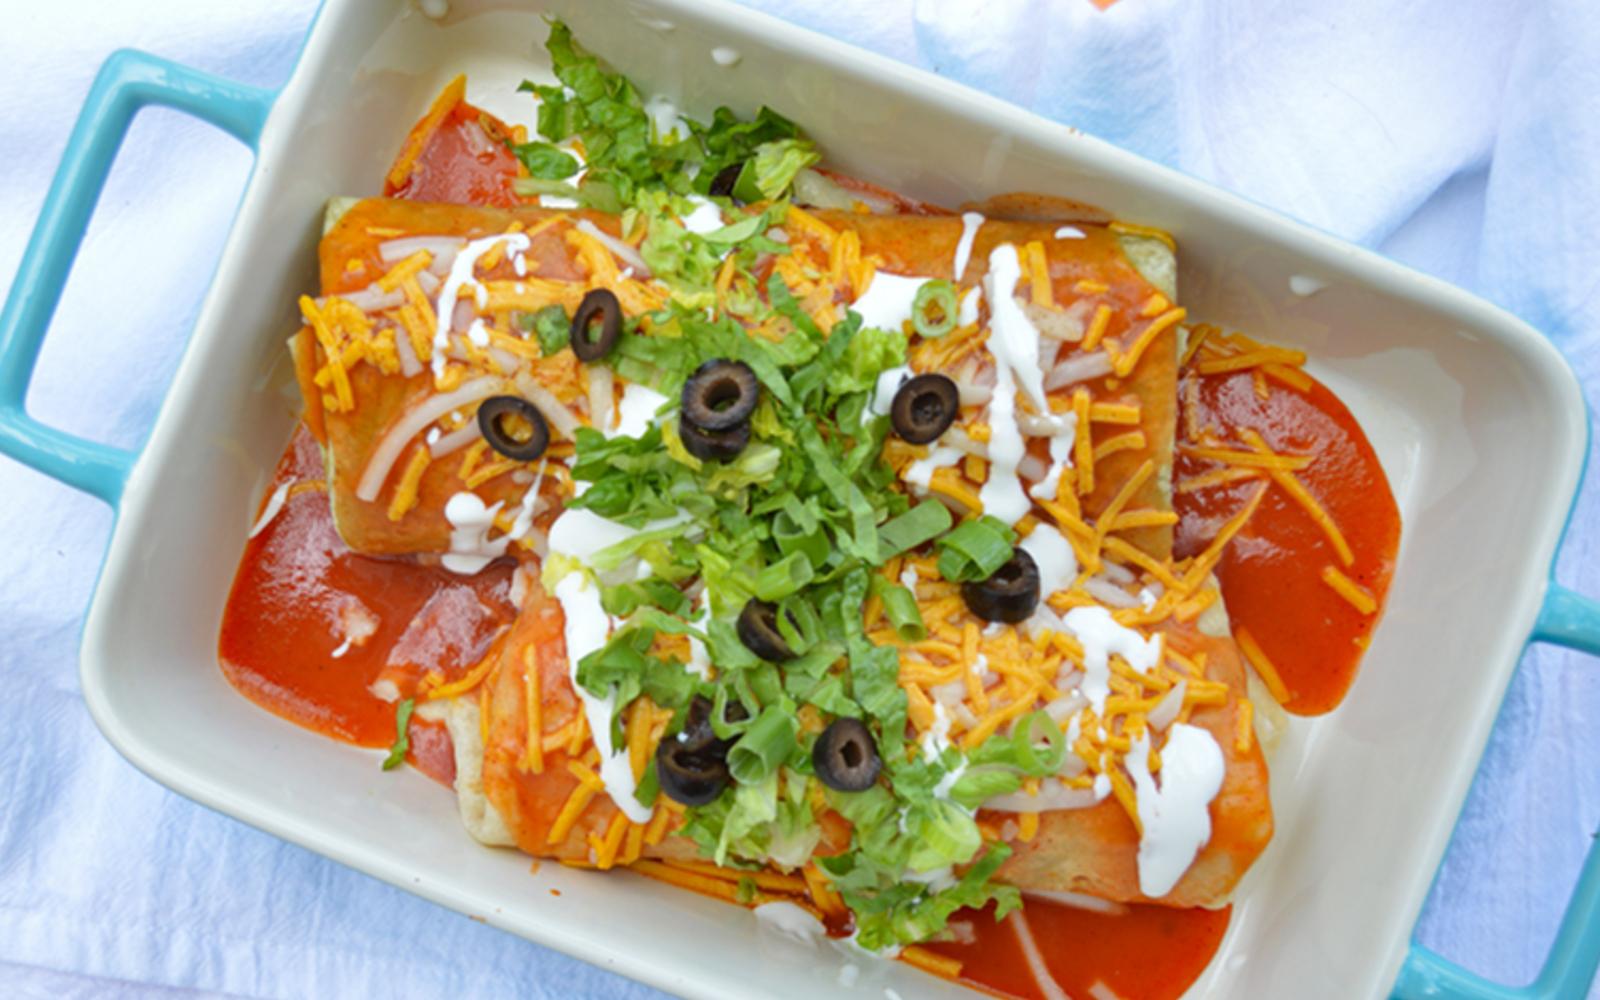 vegan smothered burritos